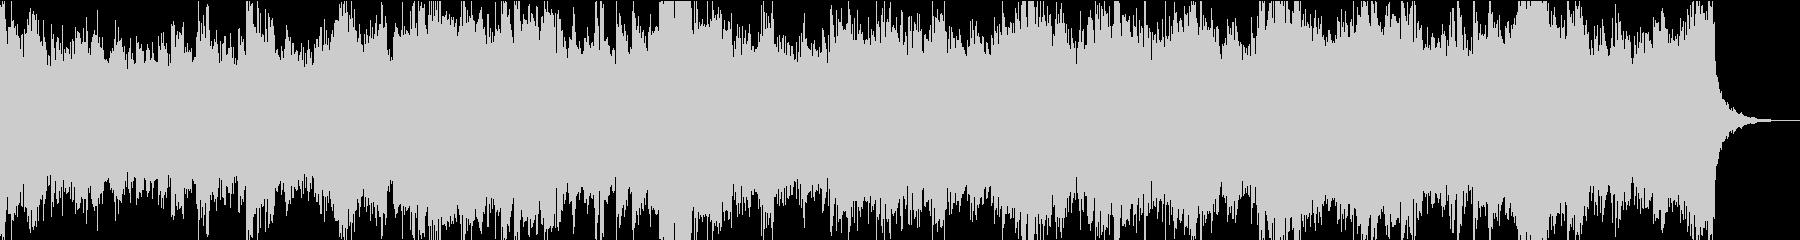 30秒でサビ、電子音さわやか/静かめの未再生の波形